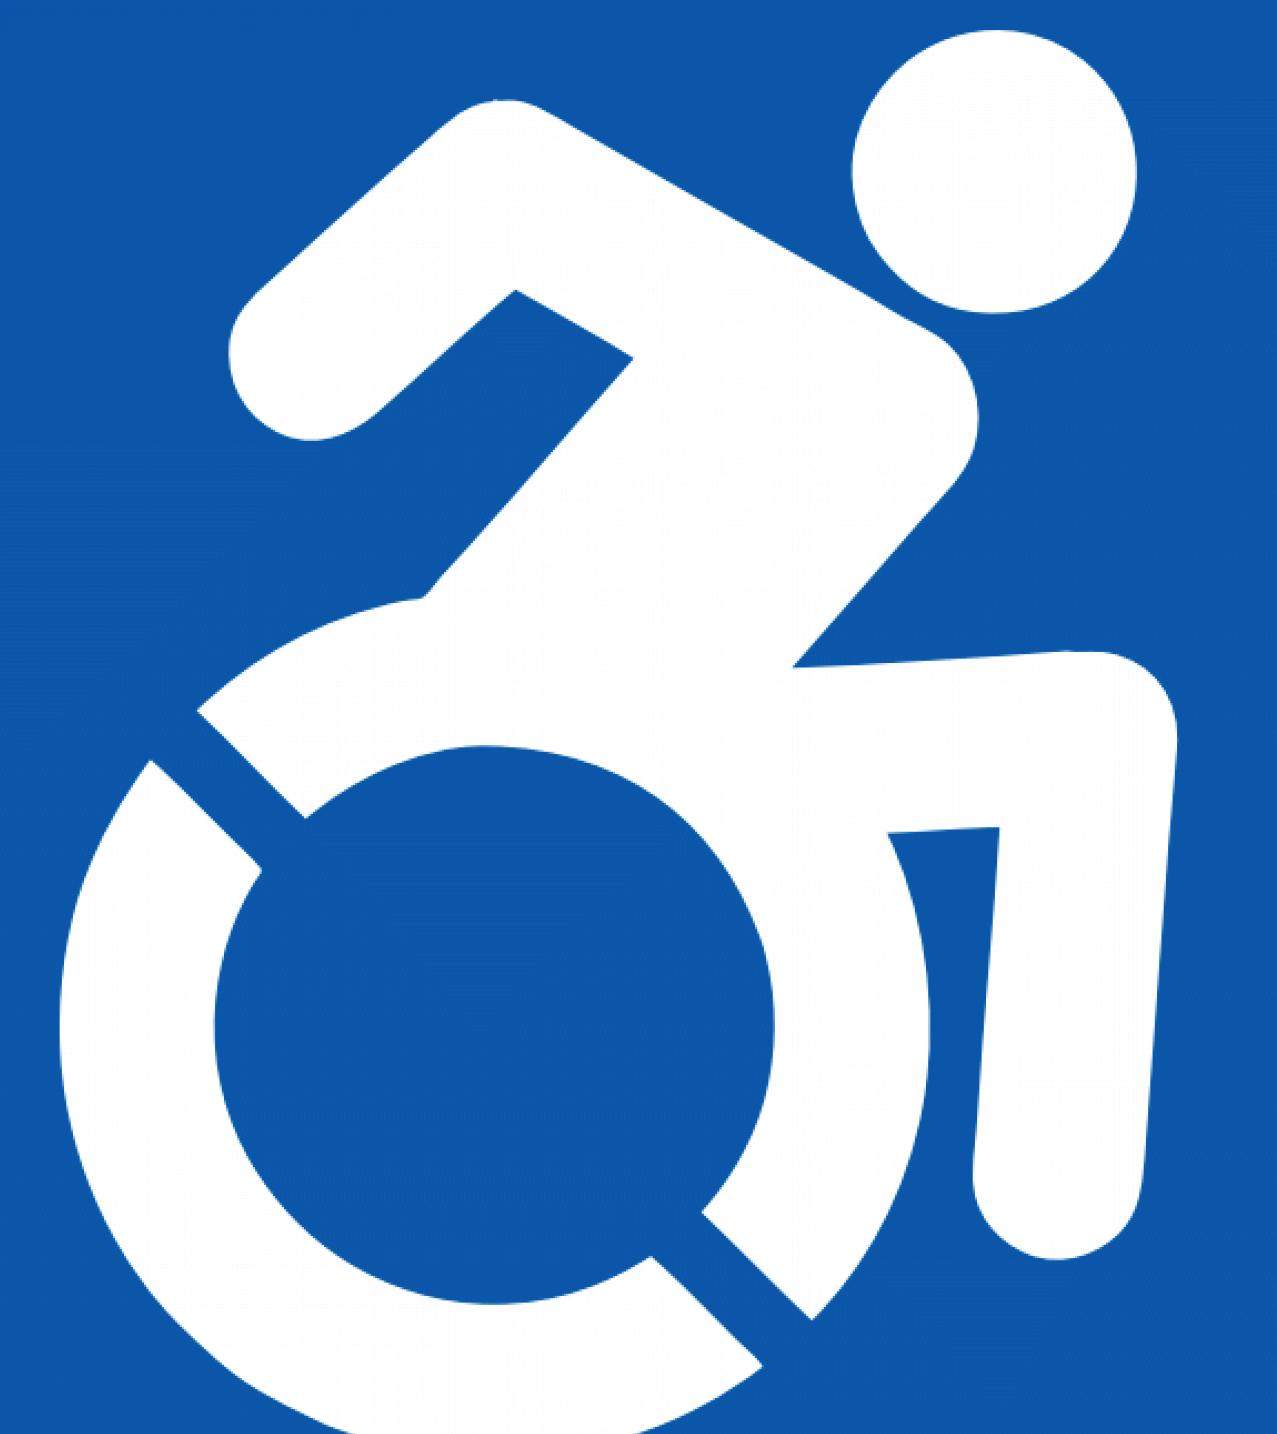 01-handicaplogo.png